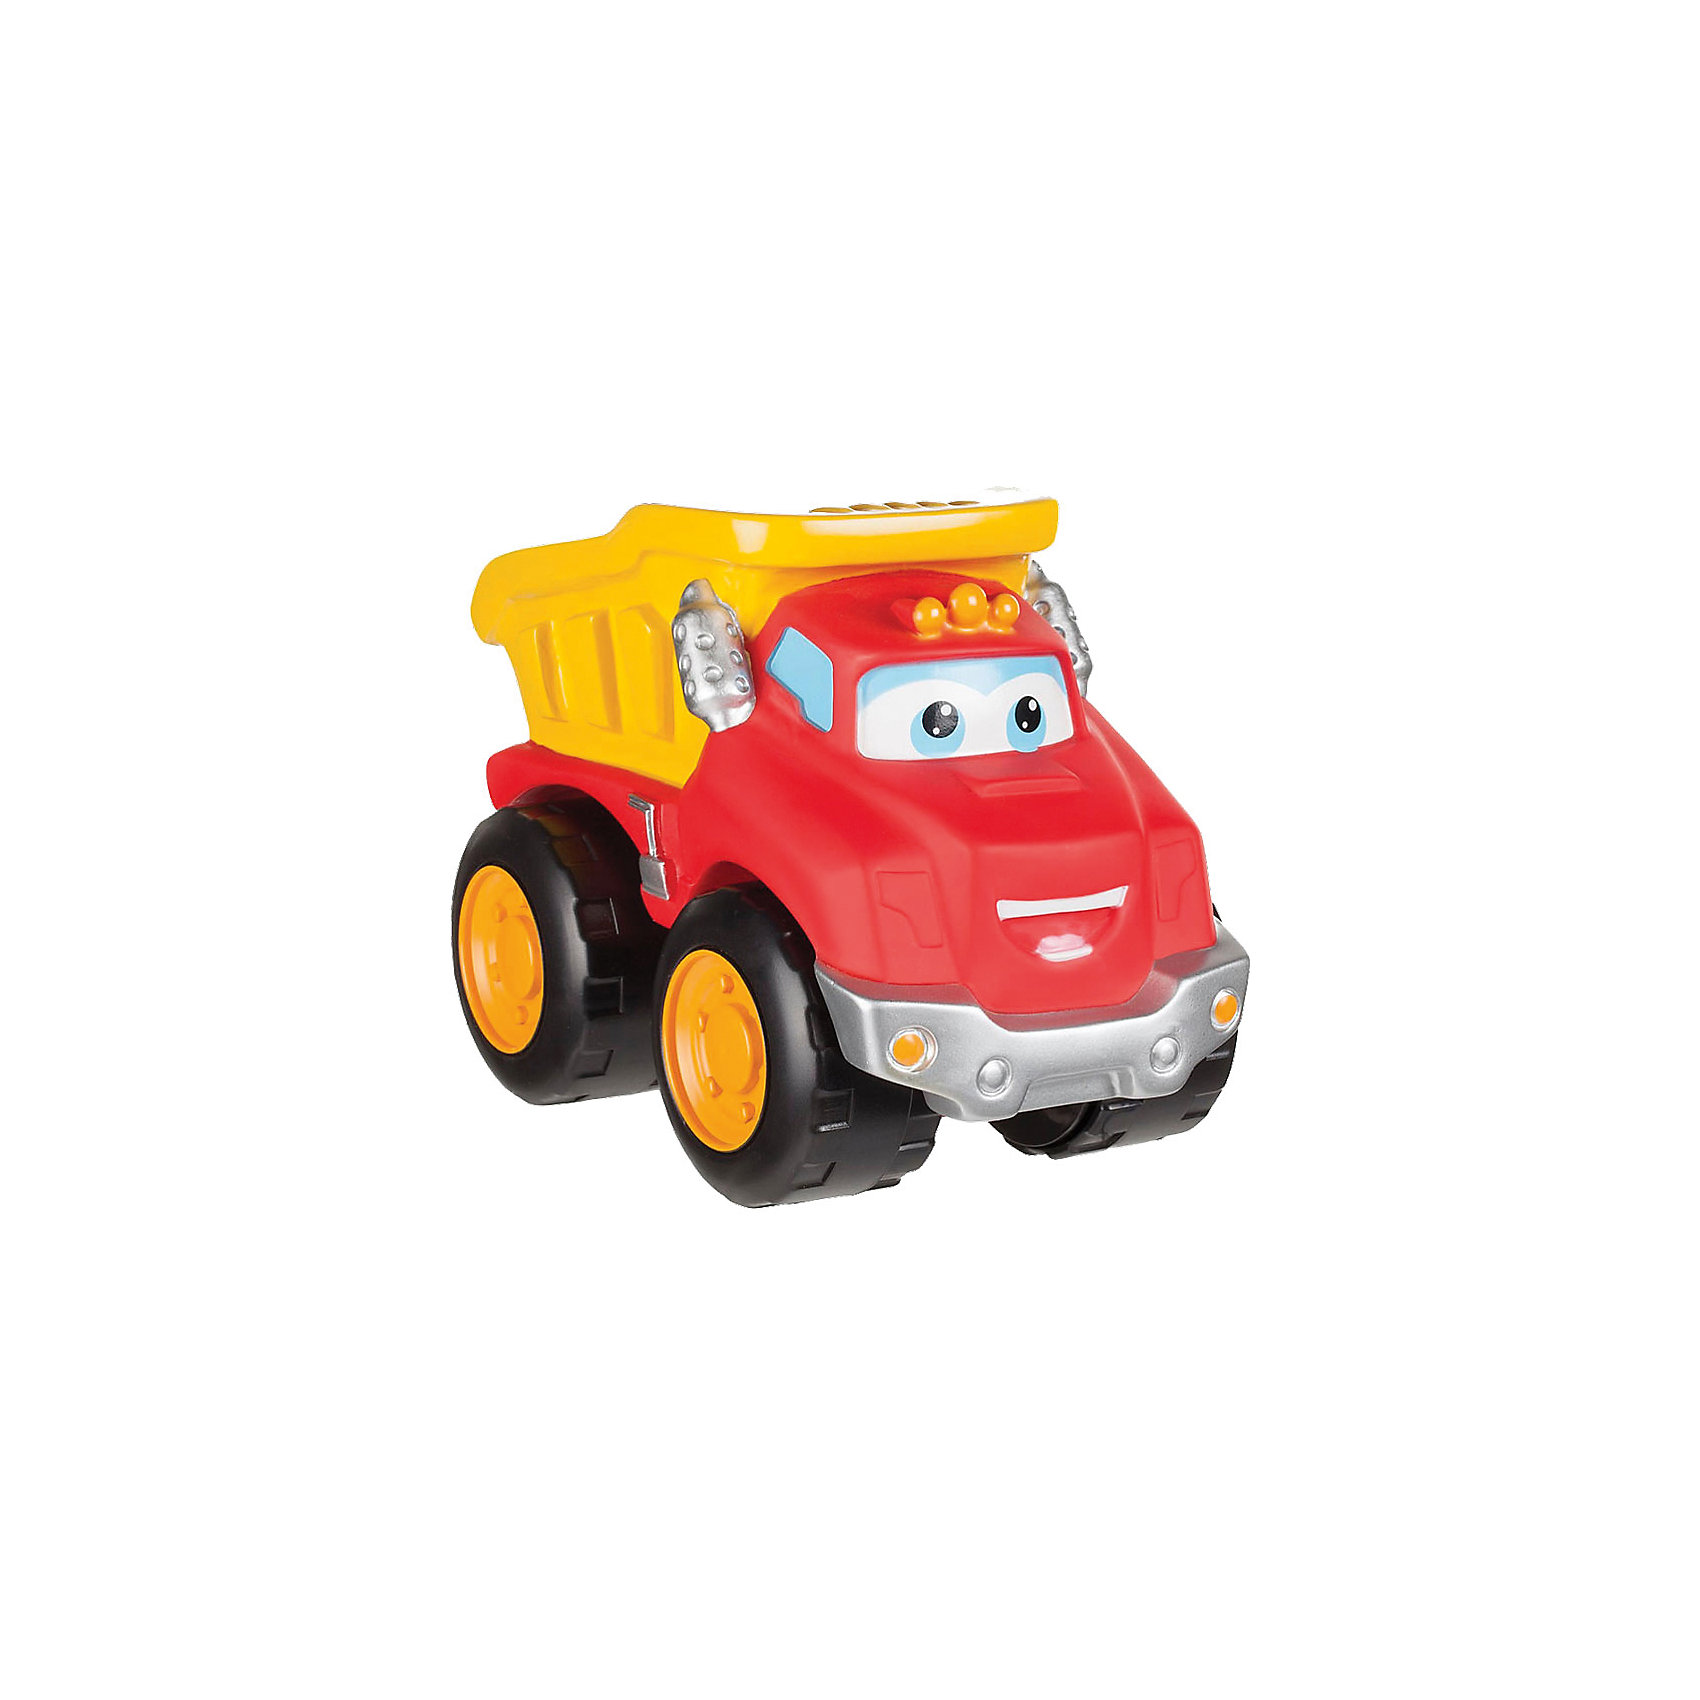 Машинка, 16 см, Чак и его друзьяМашинки<br>Характеристики:<br><br>• Предназначение: для сюжетно-ролевых игр<br>• Пол: для мальчиков<br>• Коллекция: Чак и его друзья<br>• Цвет: черный, оранжевый, красный, желтый<br>• Материал: пластик<br>• Высота игрушки: 16 см<br>• У машинки отсутствуют острые углы и съемные детали<br>• Вес: 695 г<br>• Размеры упаковки (Д*В*Ш): 14*9*11 см<br>• Упаковка: картонная коробка открытого типа<br>• Особенности ухода: сухая или влажная чистка<br><br>Машинка, 16 см, Чак и его друзья – эта  машинка производителем которой является Minecraft, создана по мотивам детского мультсериала Приключения Чака и его друзей. Машинка выполнена из ударопрочного пластика, который отвечает международным стандартам качества и безопасности. <br><br>Элементы игрового набора окрашены нетоксичными красками. У игрушки отсутствуют съемные детали и острые углы, что делает ее безопасной даже для самых маленьких. Машинка выполнена в виде грузовика с откидывающимся кузовом. Подвижные или сюжетно-ролевые игры с машинкой  будут способствовать развитию координации движений, фантазии и воображения вашего мальчика.<br><br>Машинку, 16 см, Чак и его друзья можно купить в нашем интернет-магазине.<br><br>Ширина мм: 140<br>Глубина мм: 90<br>Высота мм: 110<br>Вес г: 695<br>Возраст от месяцев: 36<br>Возраст до месяцев: 2147483647<br>Пол: Мужской<br>Возраст: Детский<br>SKU: 5331554